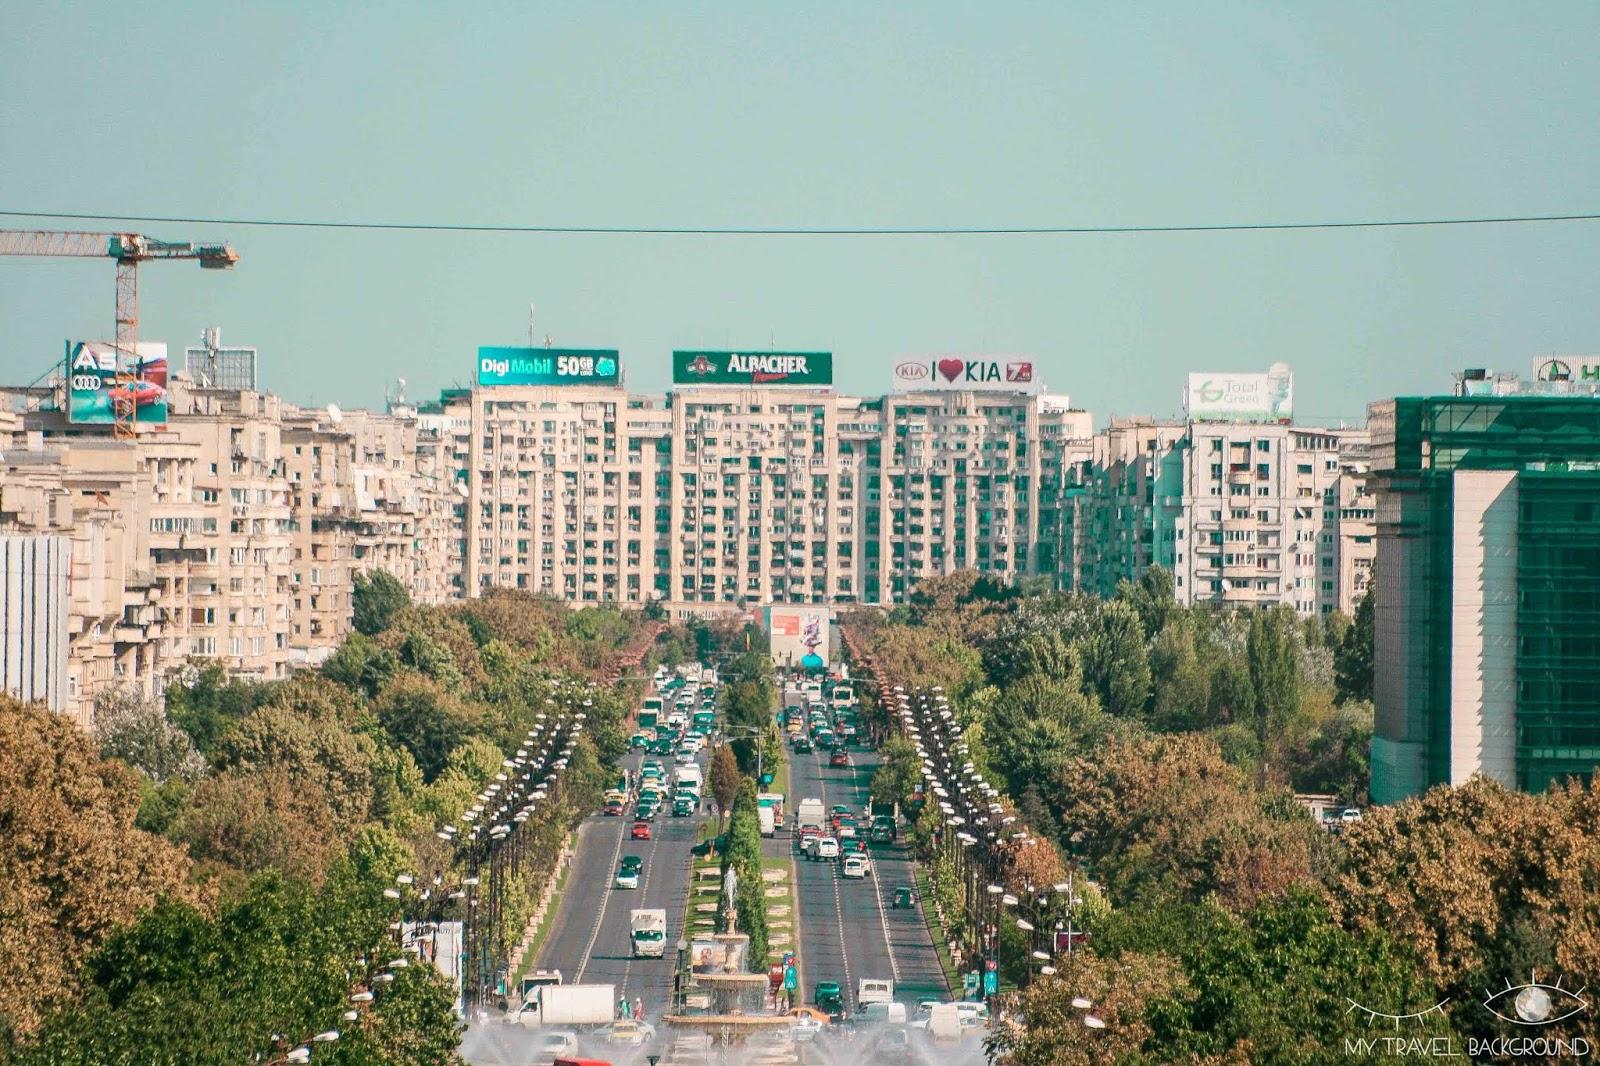 My Travel Background : 3 jours à Bucarest en Roumanie - Boulevard de l'Union Unirii